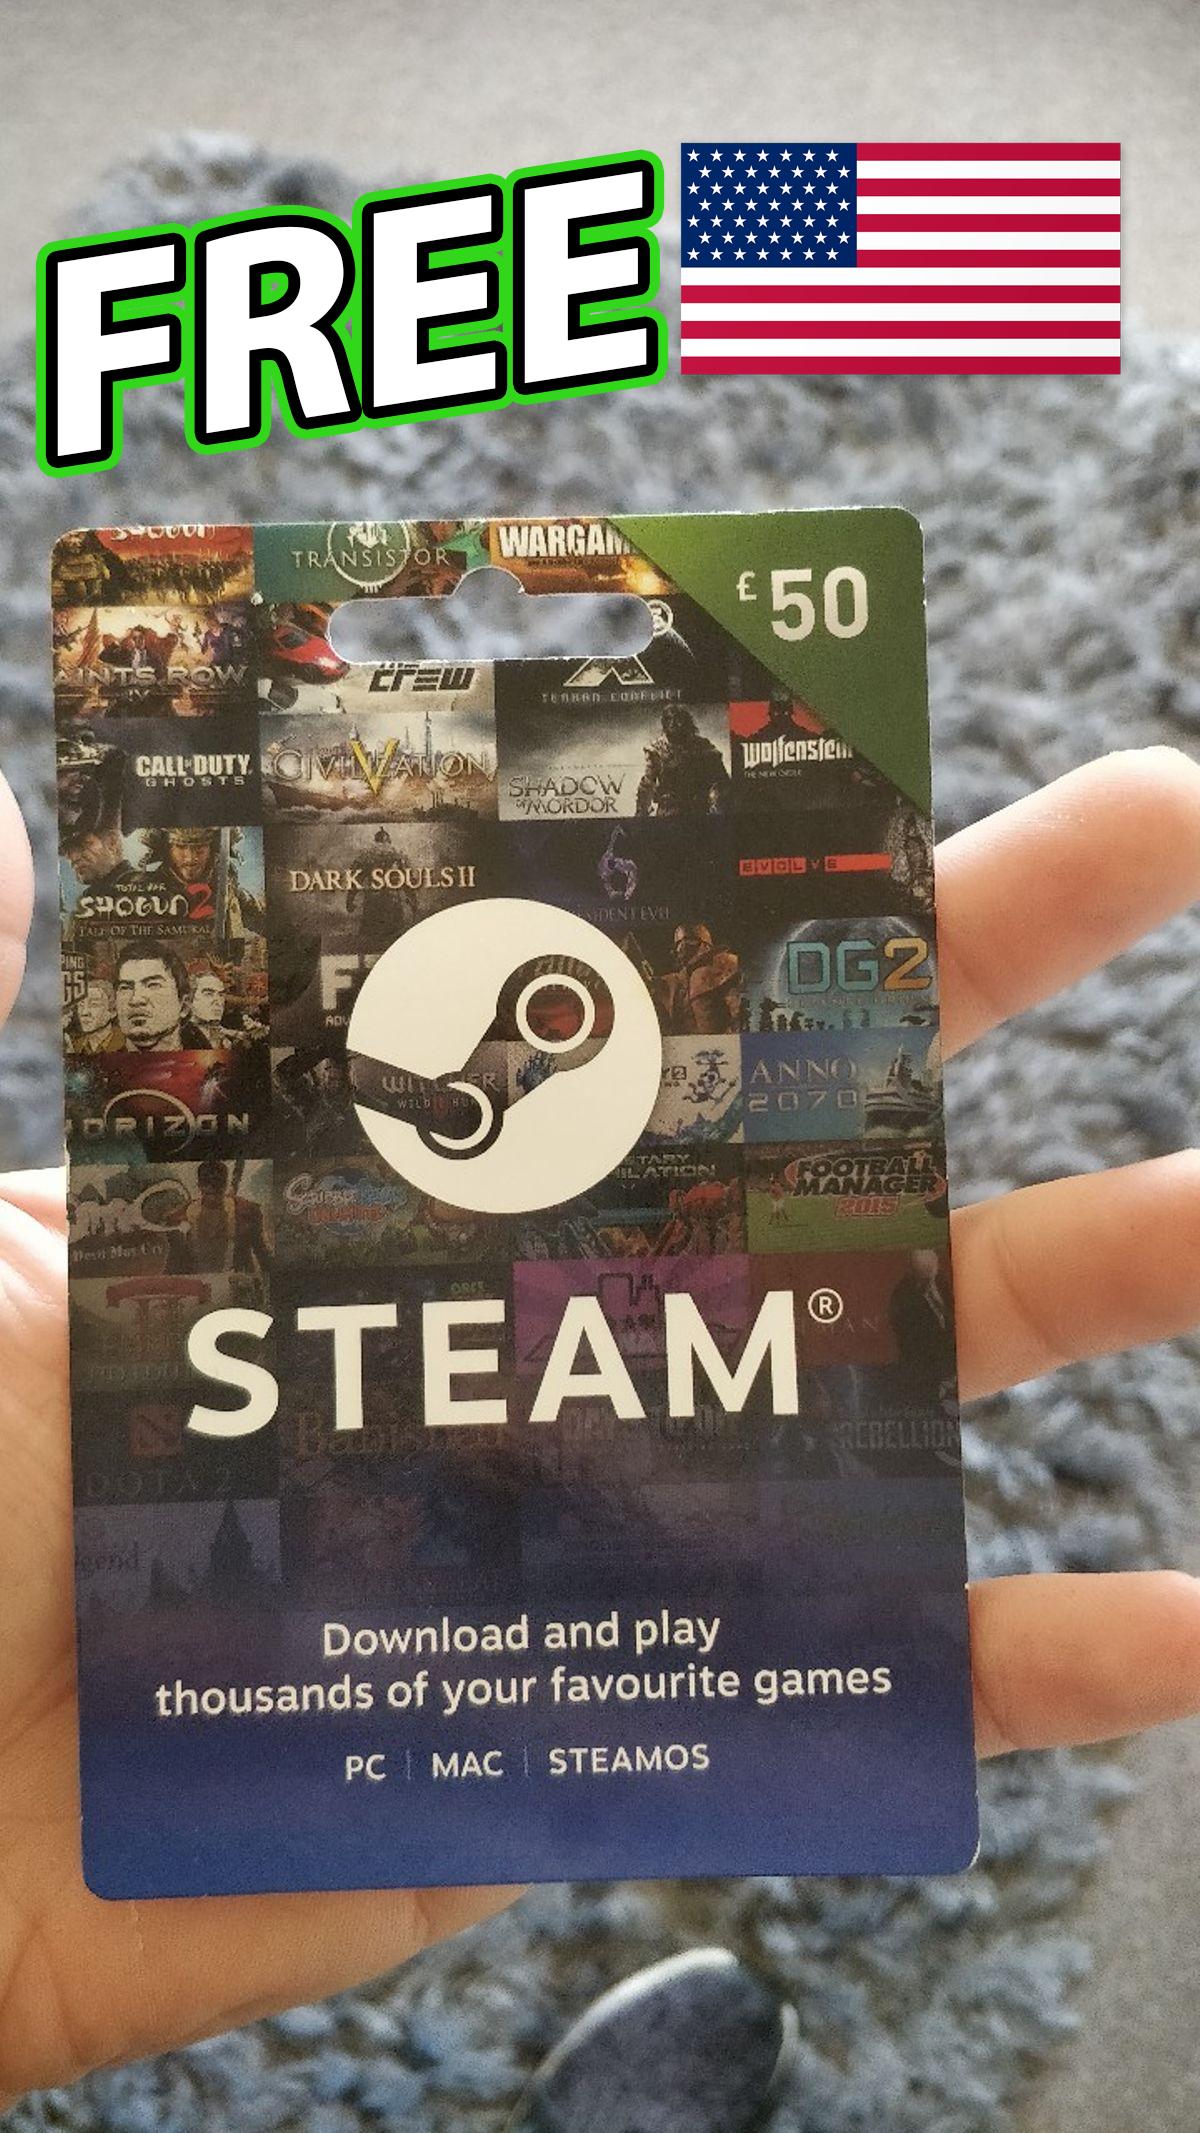 d136d64ad59277998f41054bb79a49c8 - How To Get Free Games On Steam That Cost Money